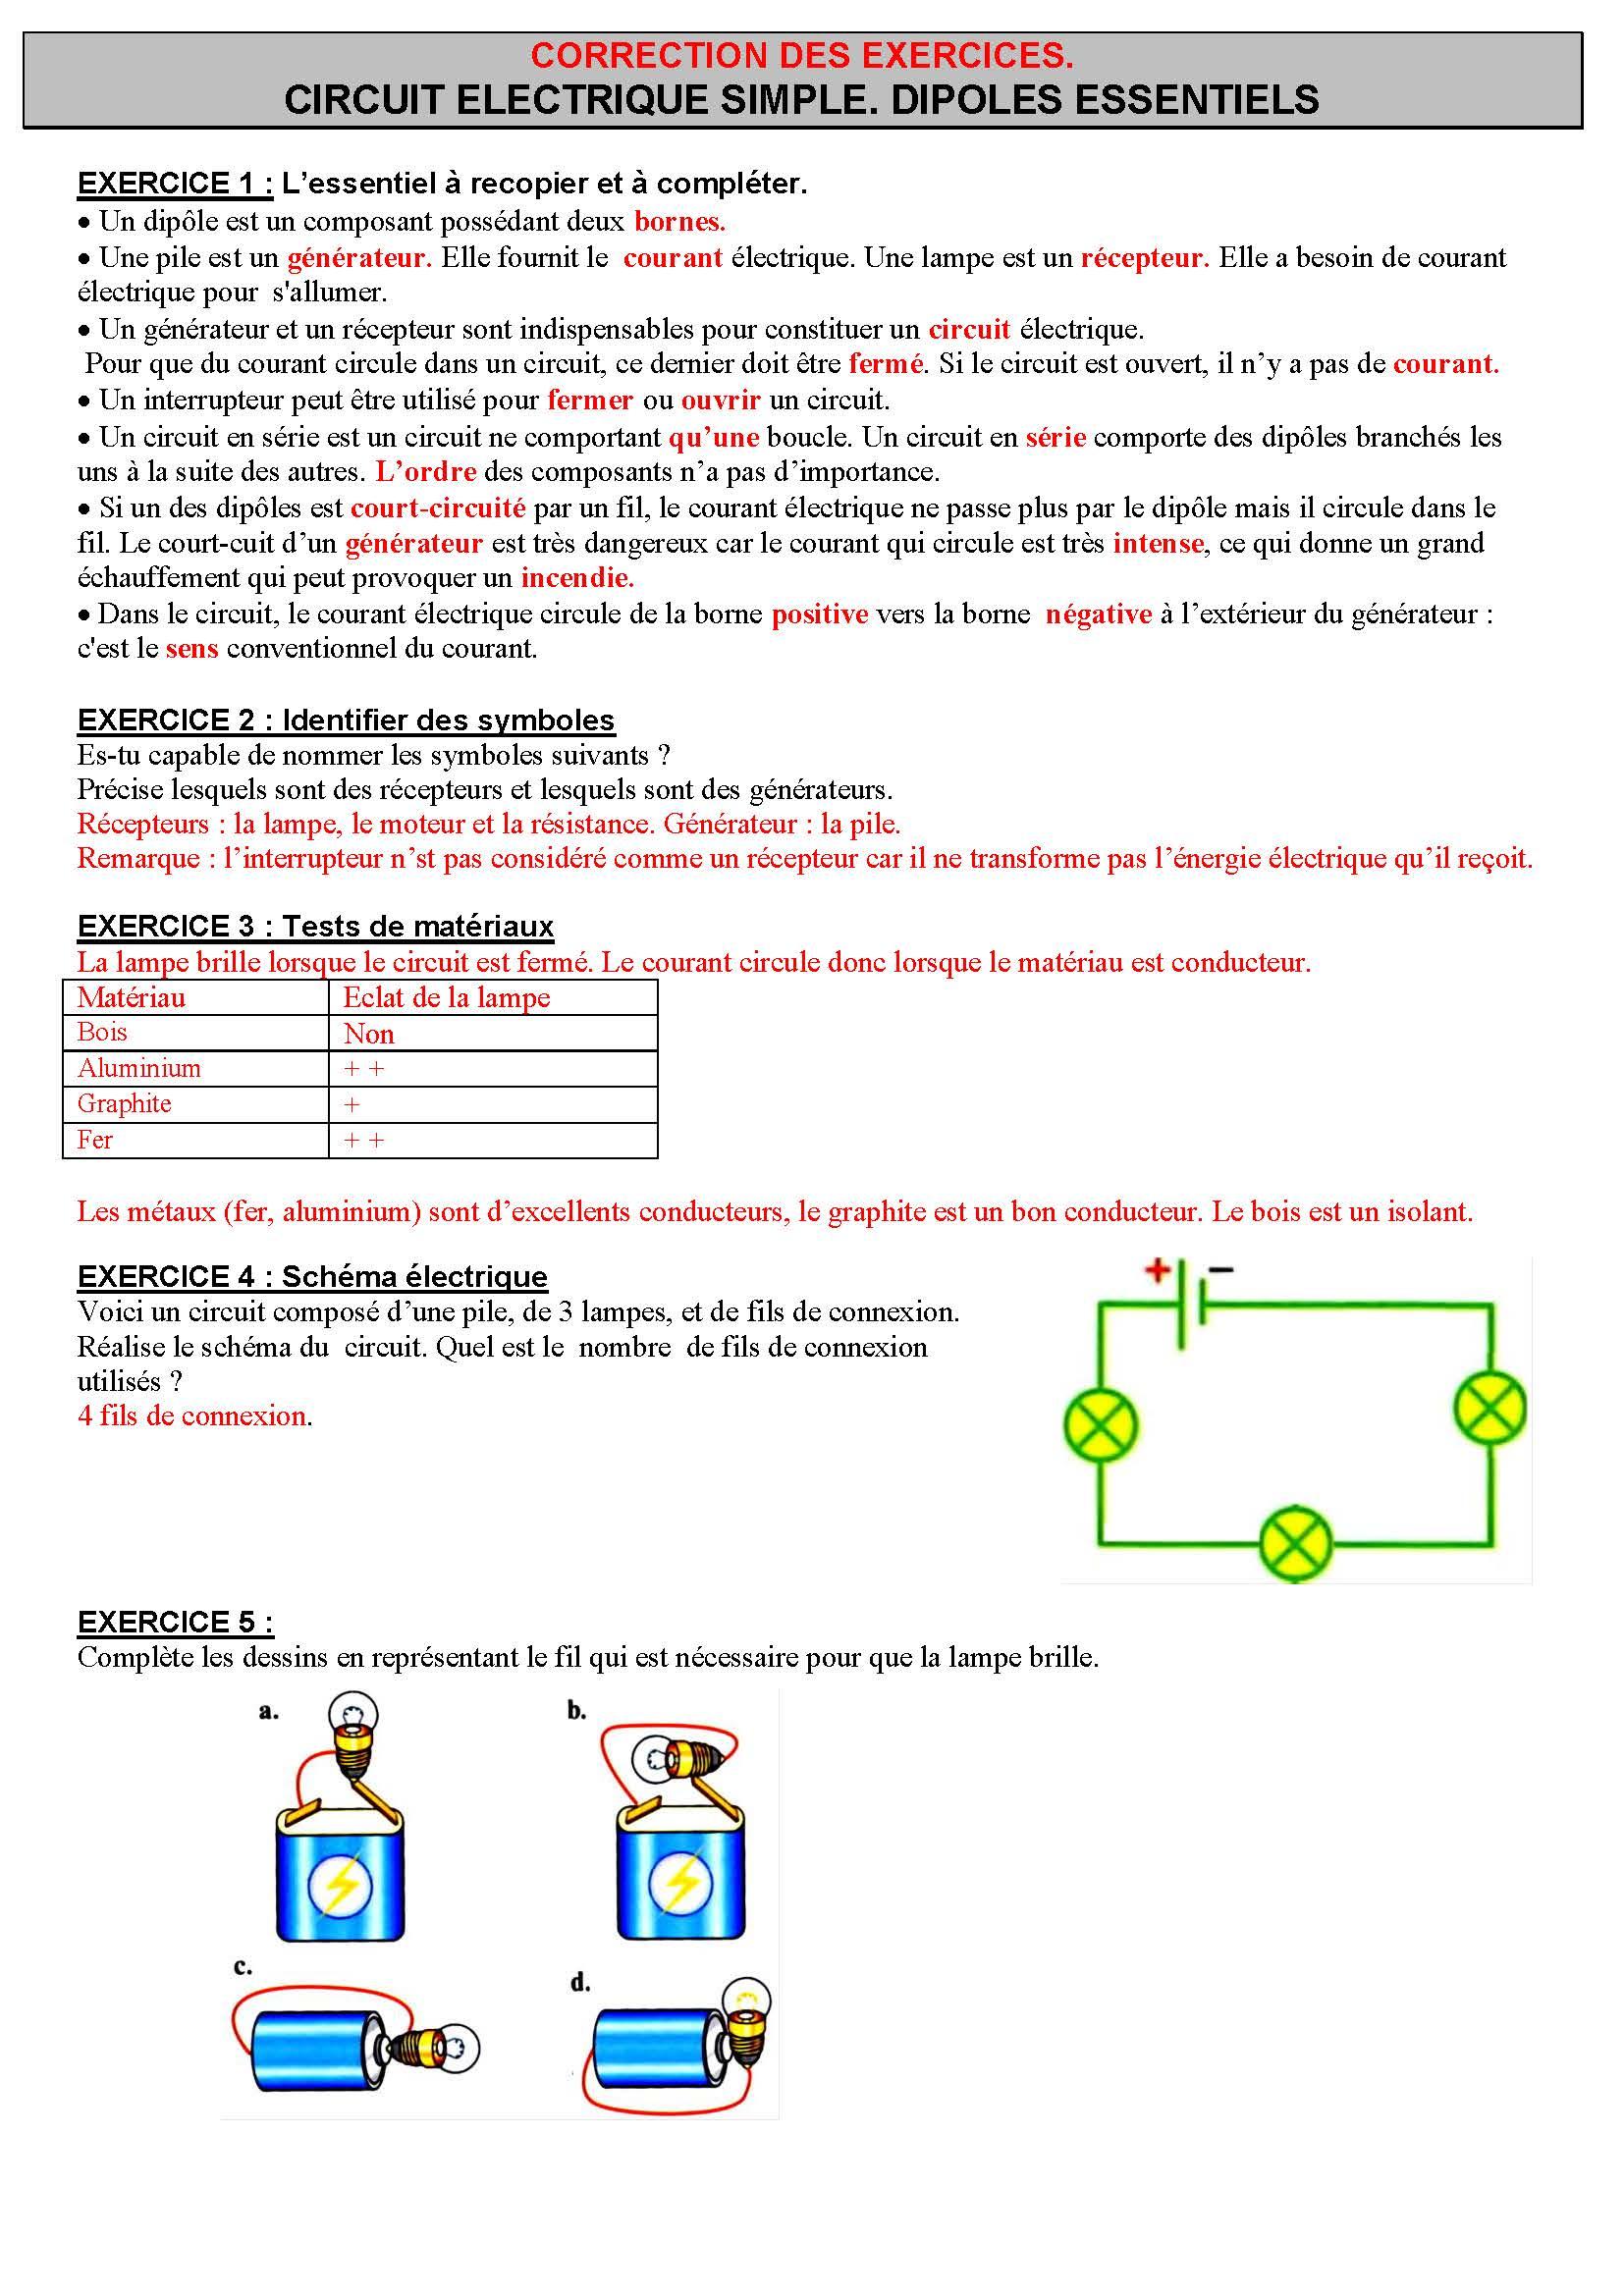 تمارين الفيزياء : CIRCUIT ELECTRIQUE SIMPLE. DIPOLES ESSENTIELS| الثالثة إعدادي خيار فرنسي